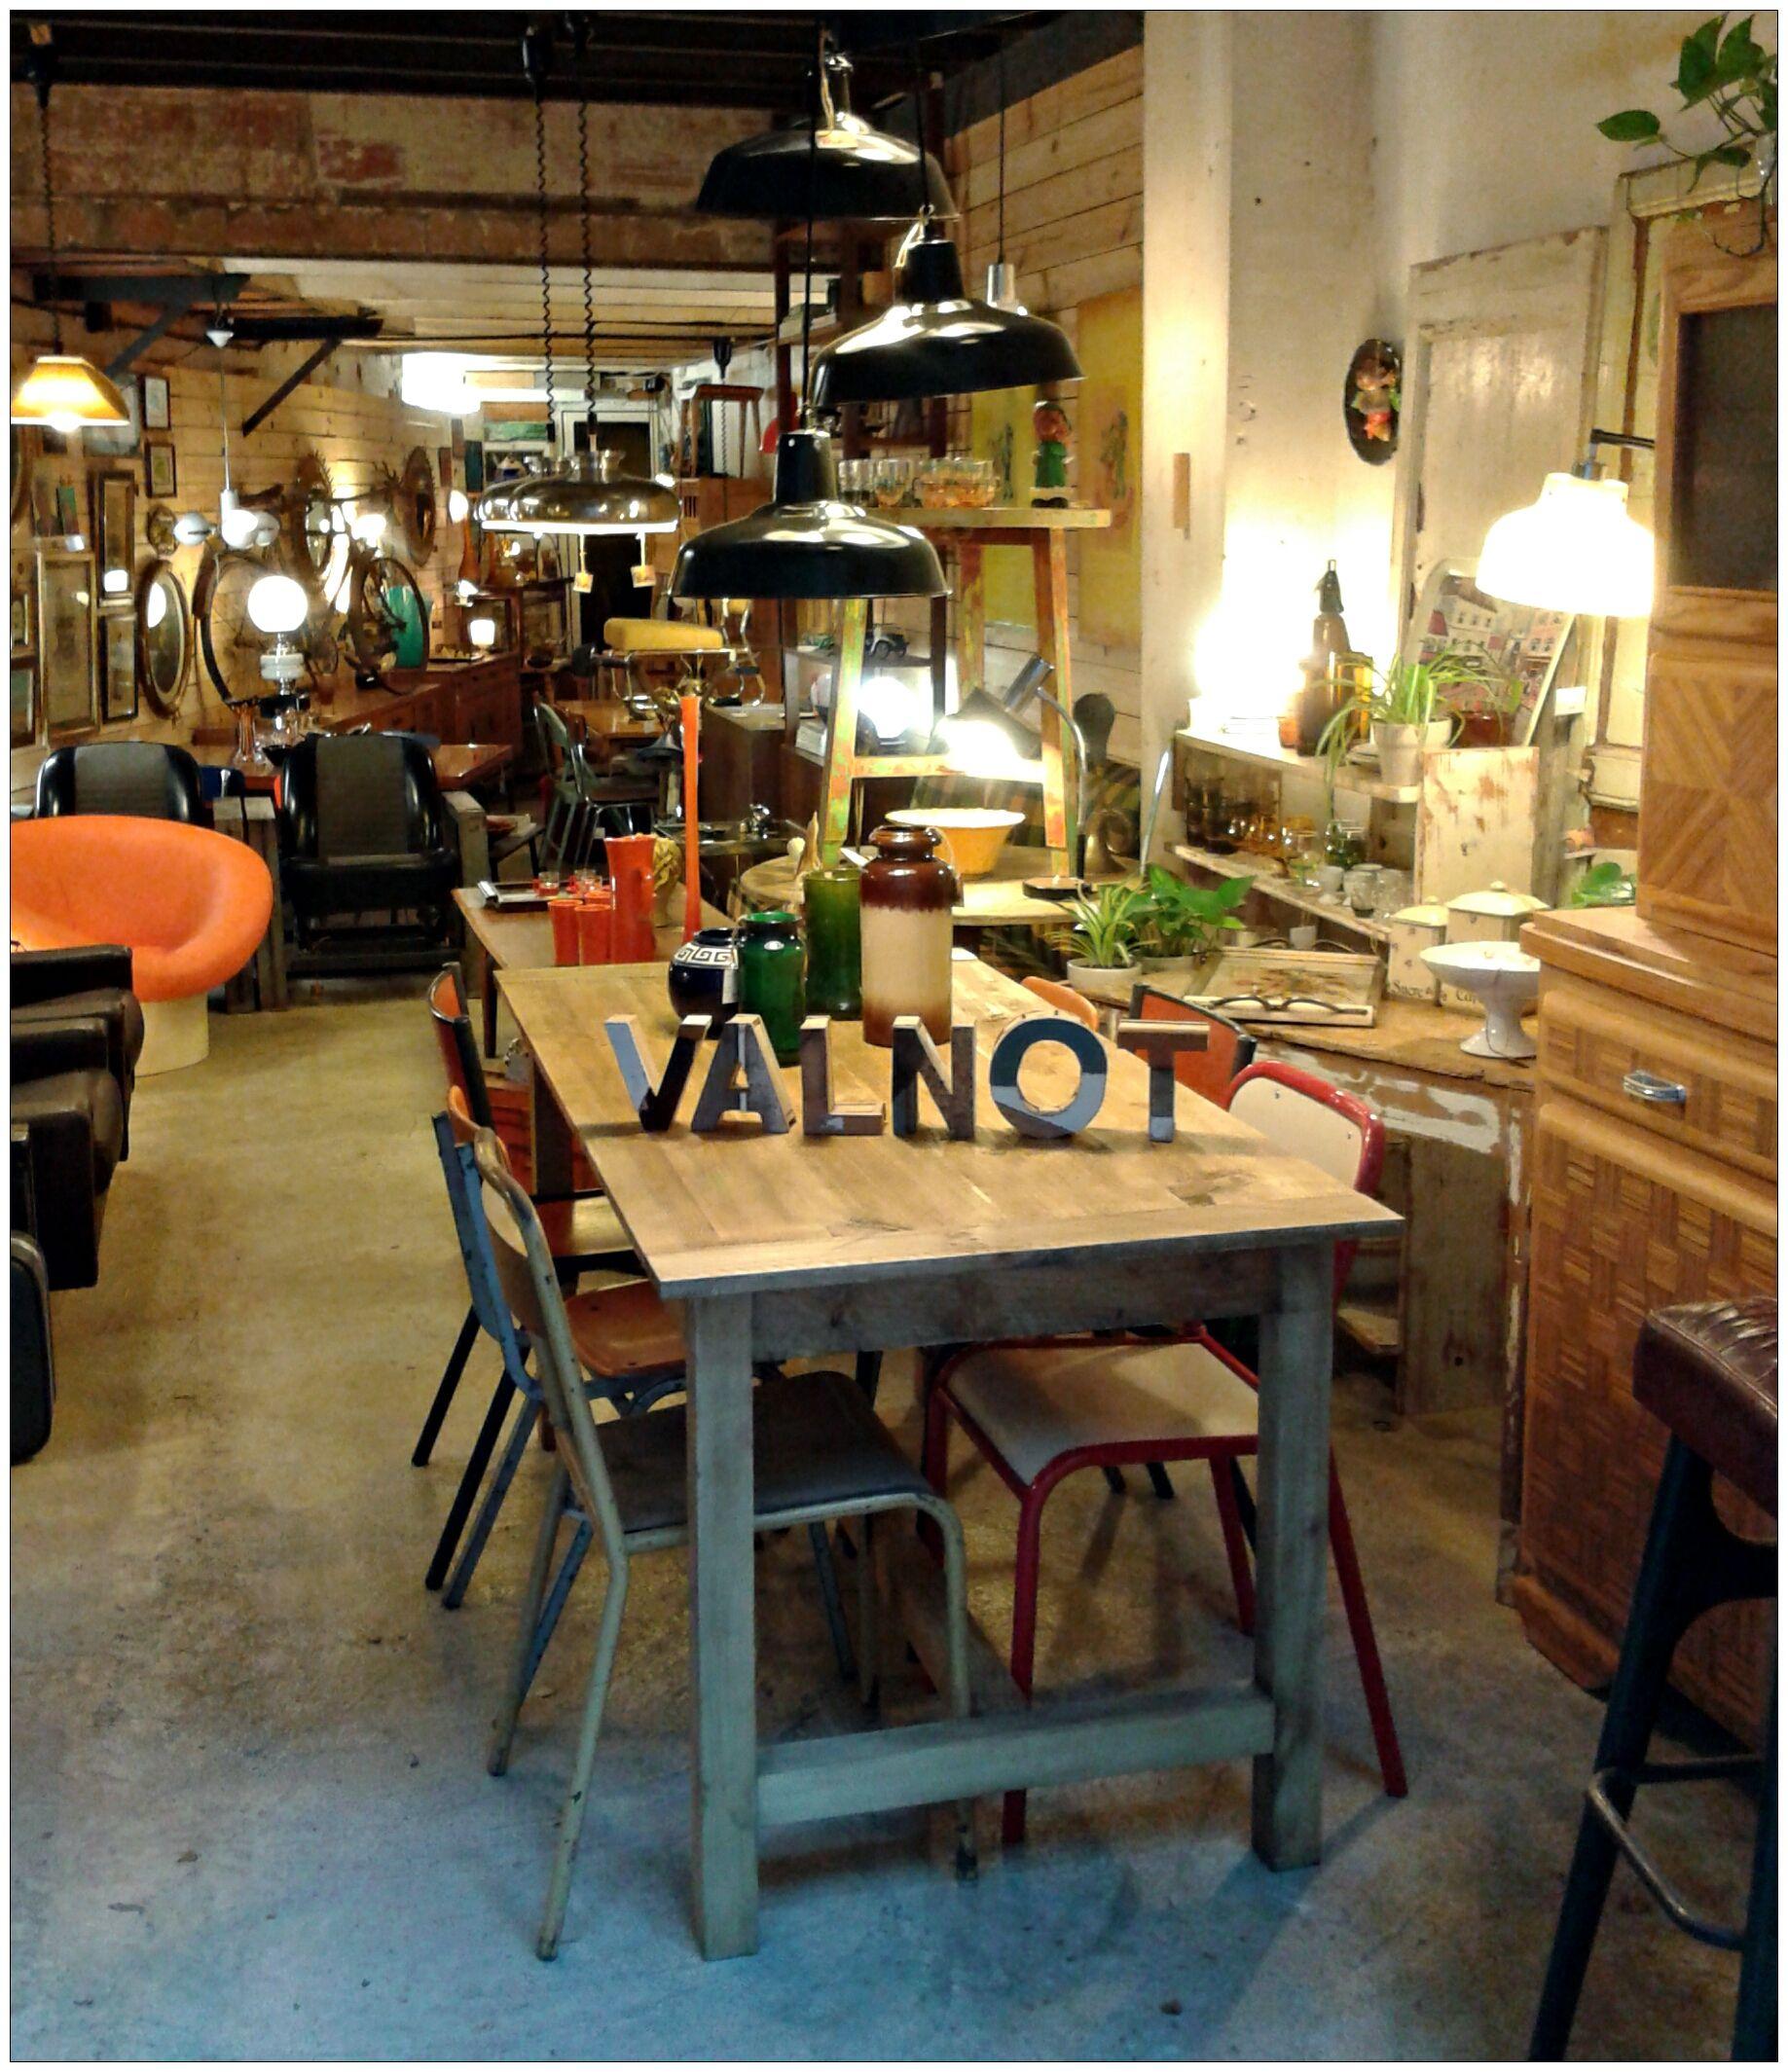 Valnot cr viladomat 30 08015 barcelona m s en tumblr instagram - Mobles vintage barcelona ...